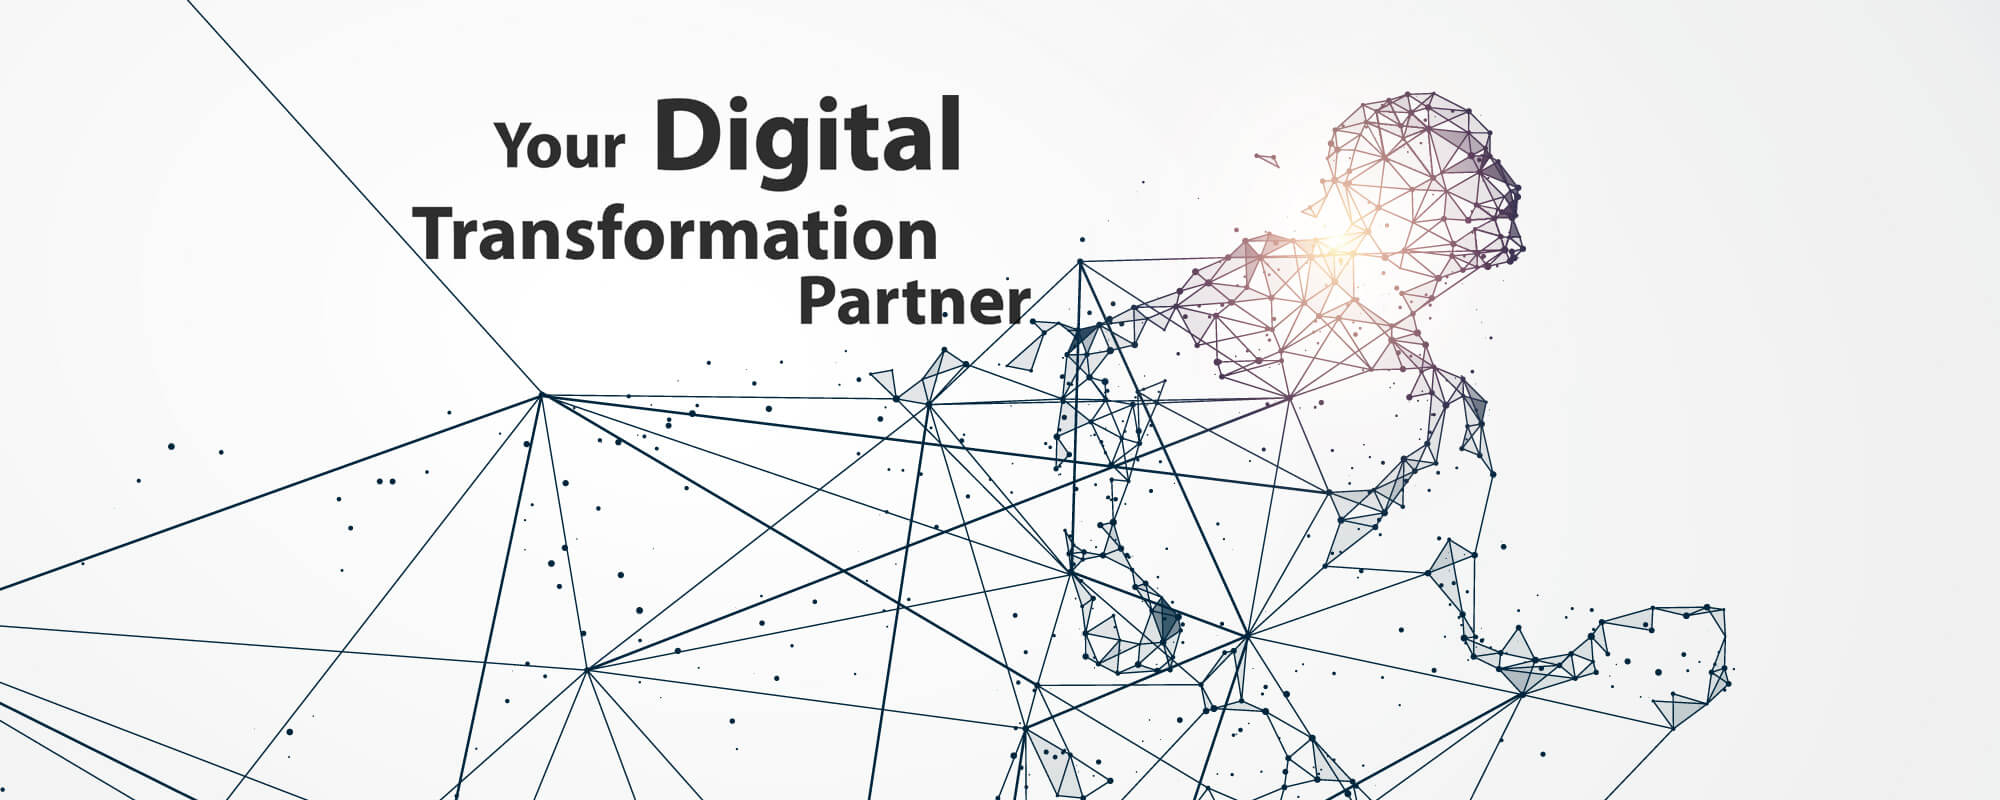 Digital Transformation Partner